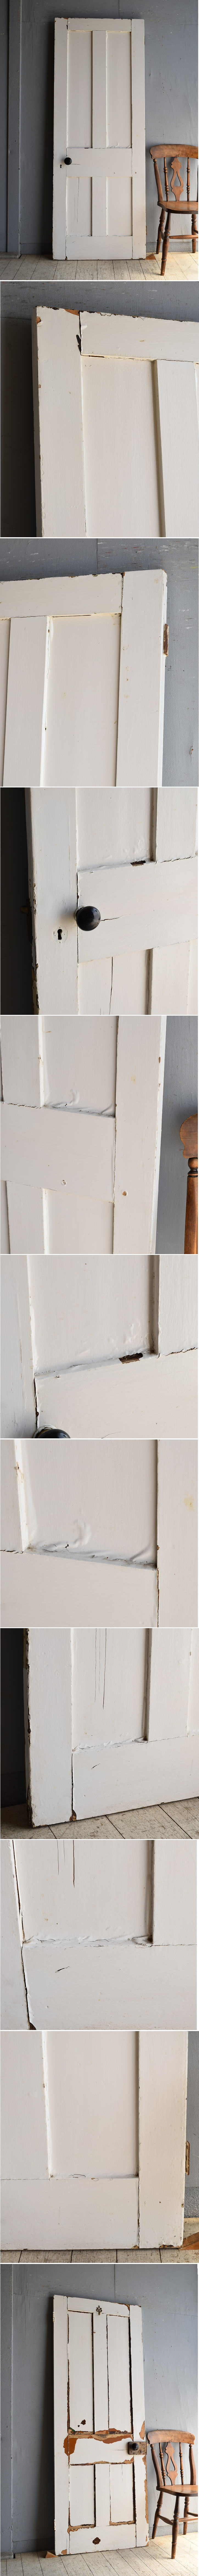 イギリス アンティーク ドア 扉 建具 8575